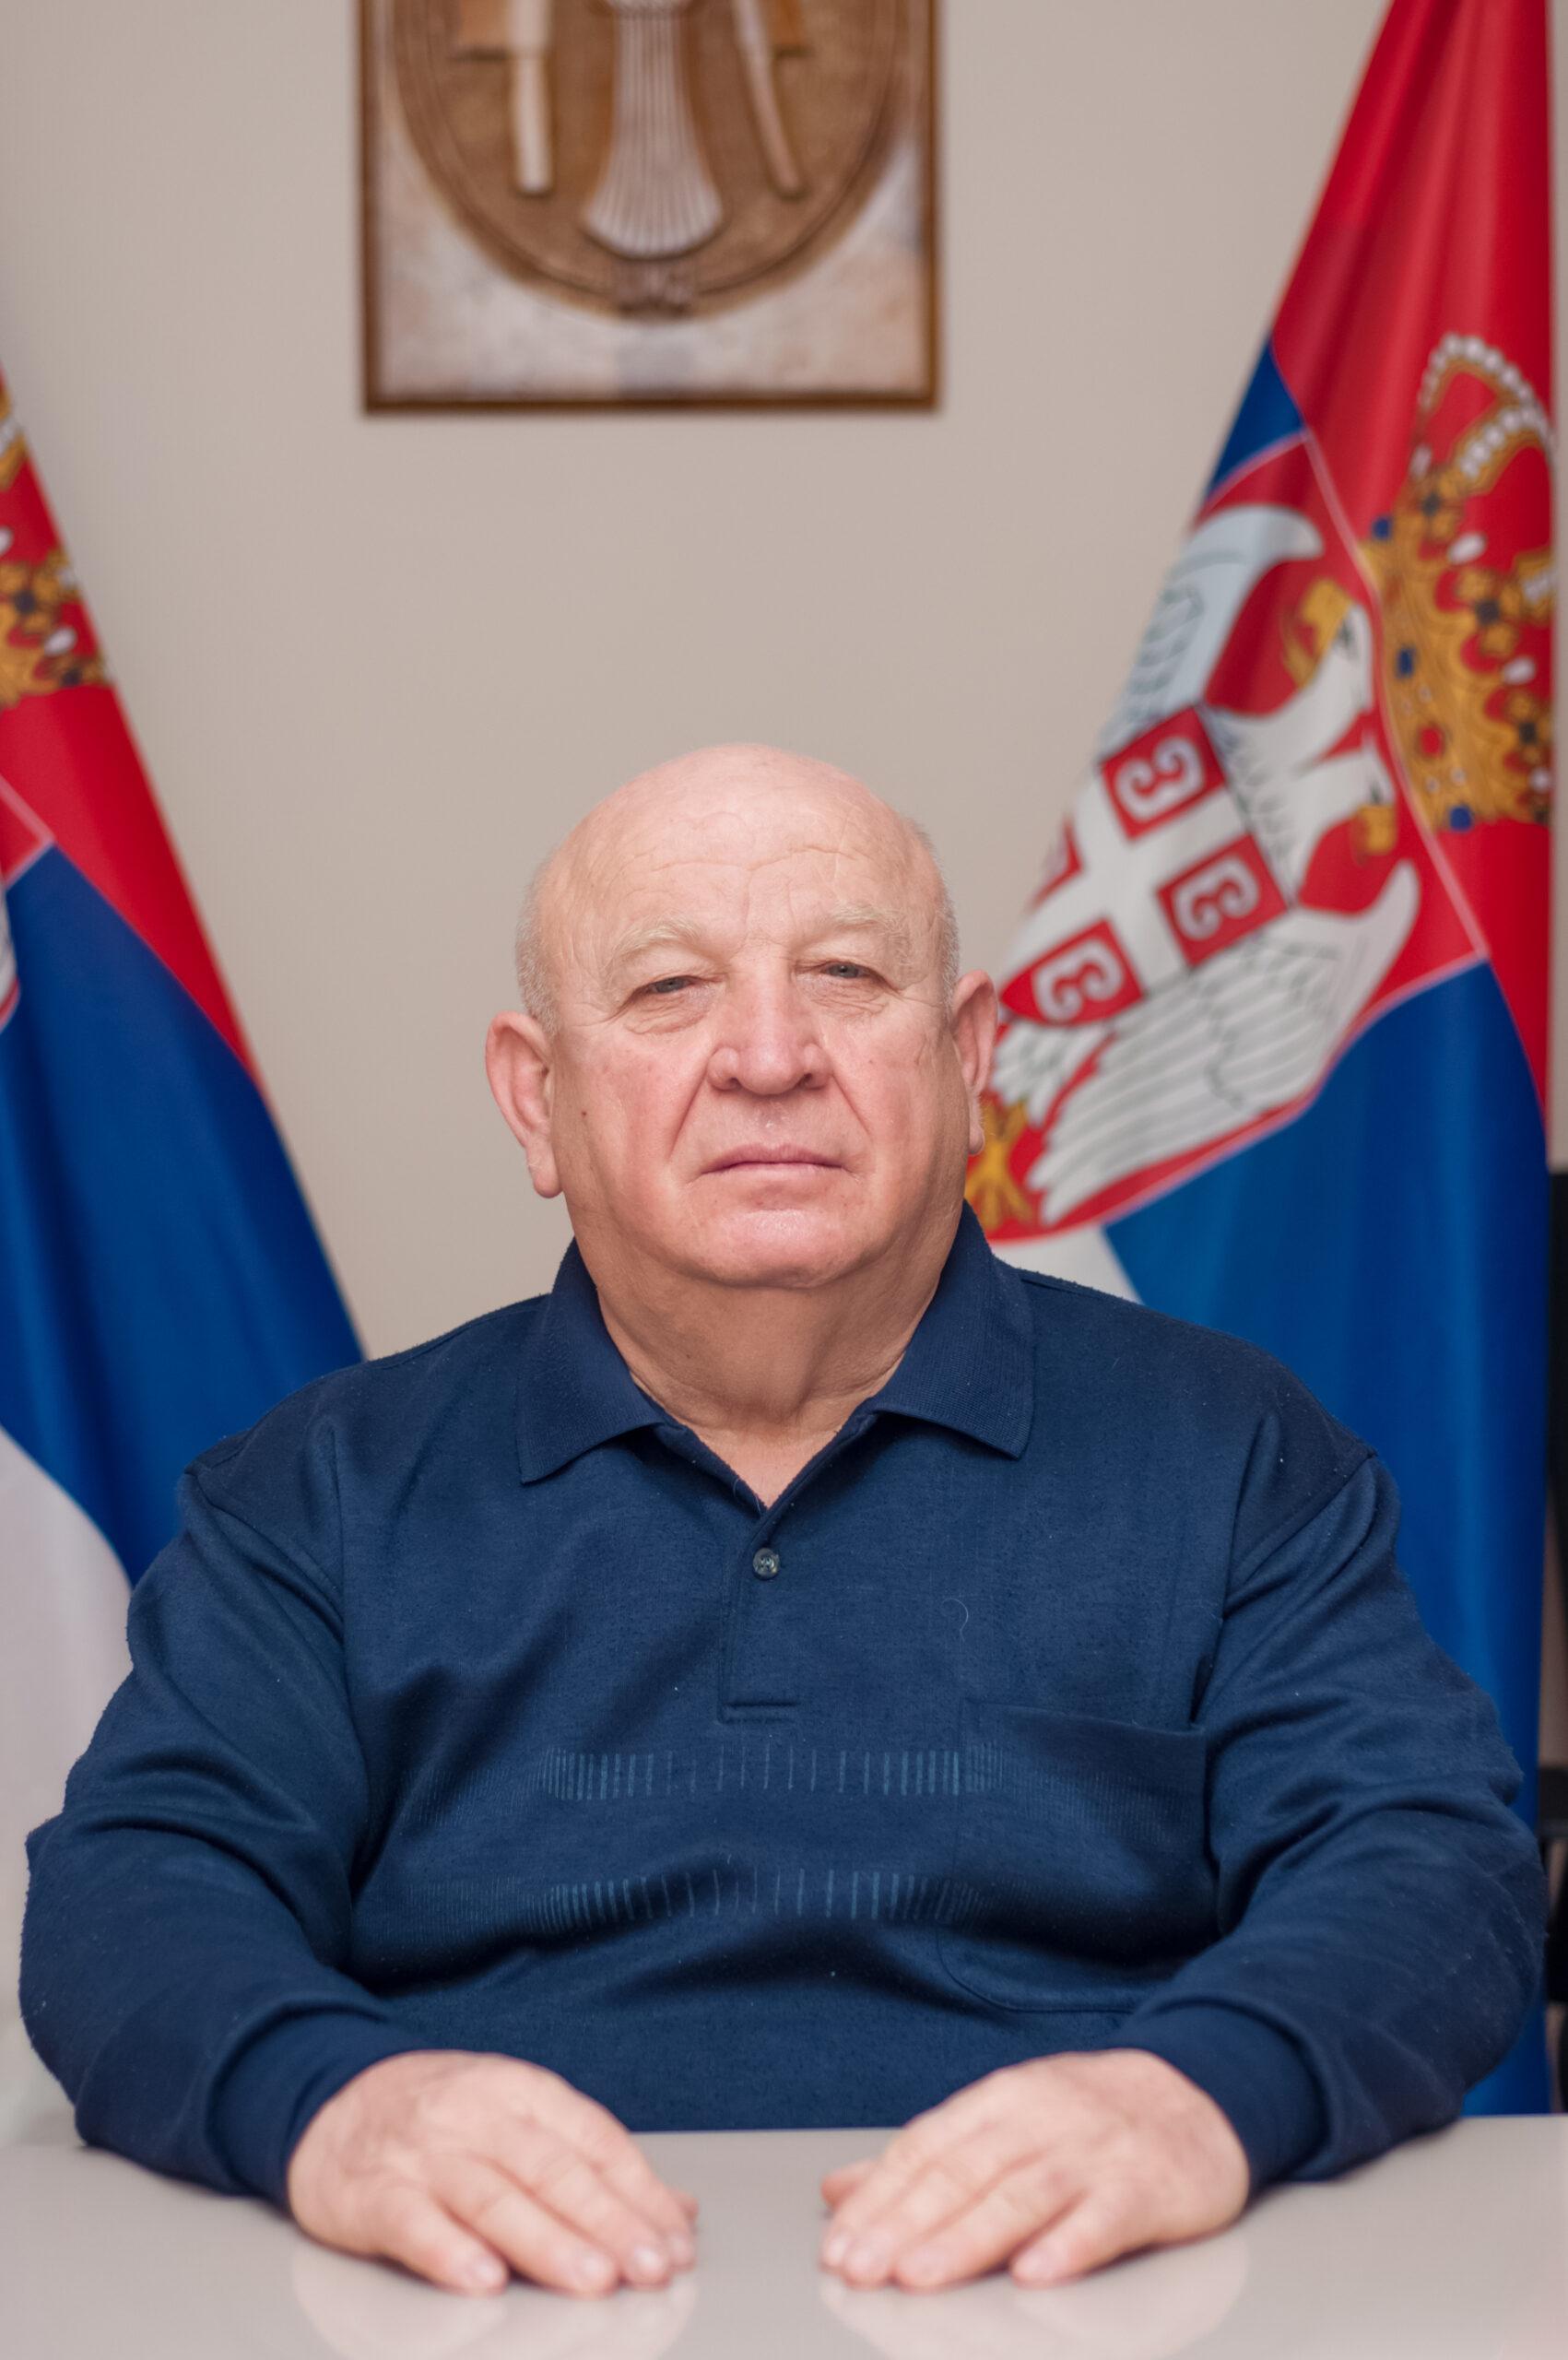 Цвјетко Ракић